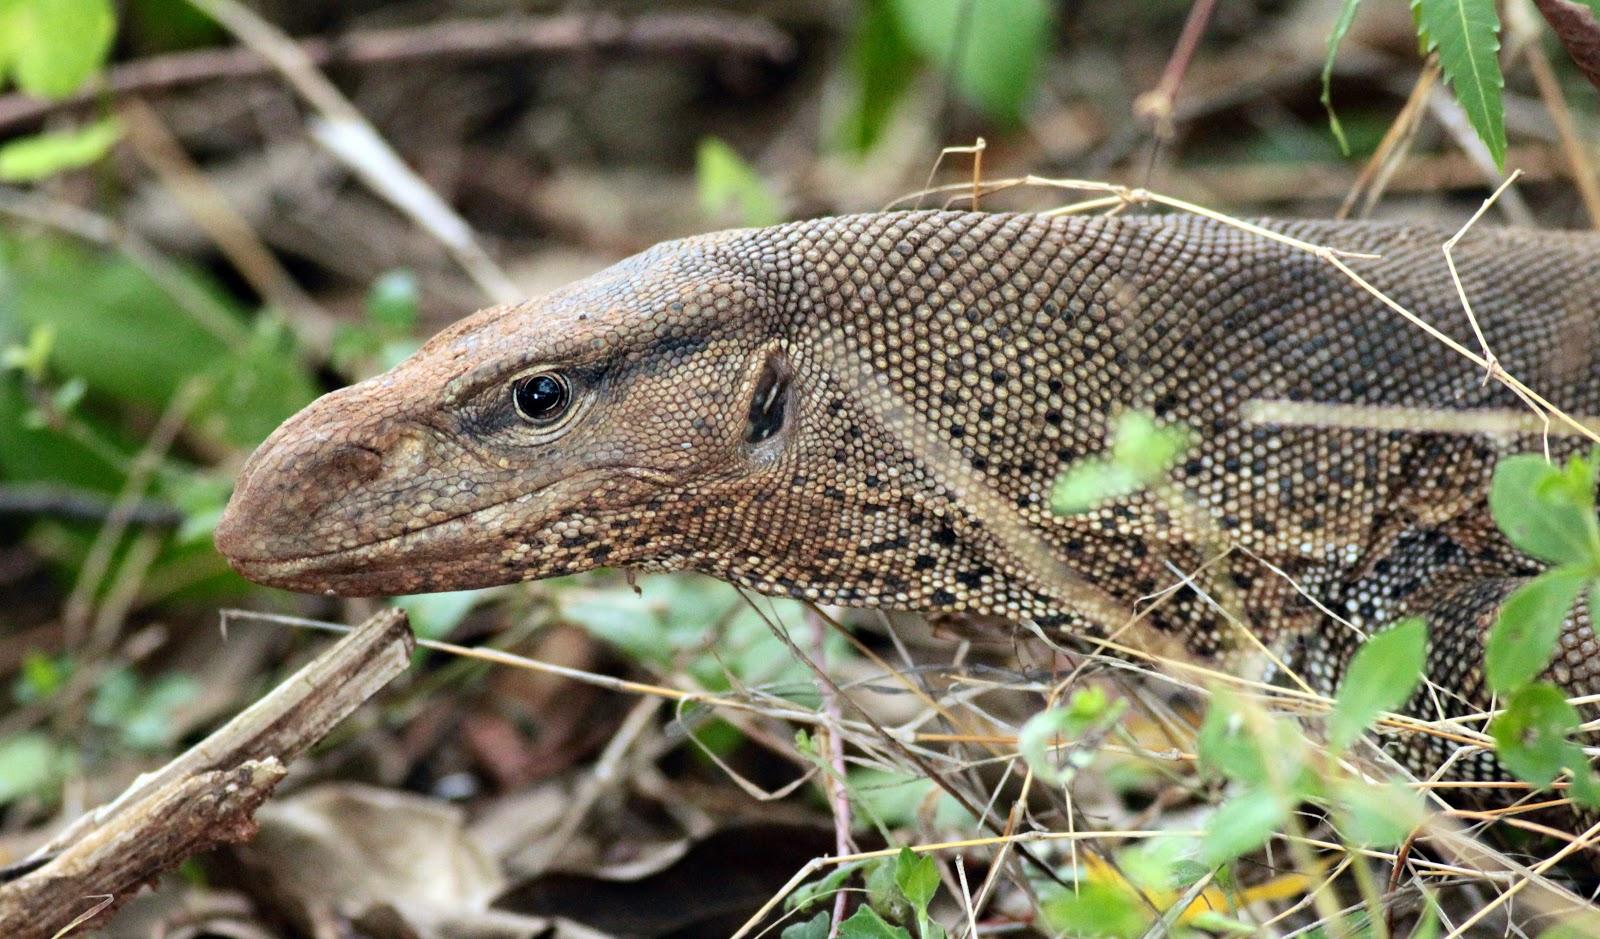 http://2.bp.blogspot.com/-fzTQDbObzjU/UQoYYOe1e8I/AAAAAAAADN4/ntGAhCuncn8/s1600/Monitor+Lizard-images-03.jpg